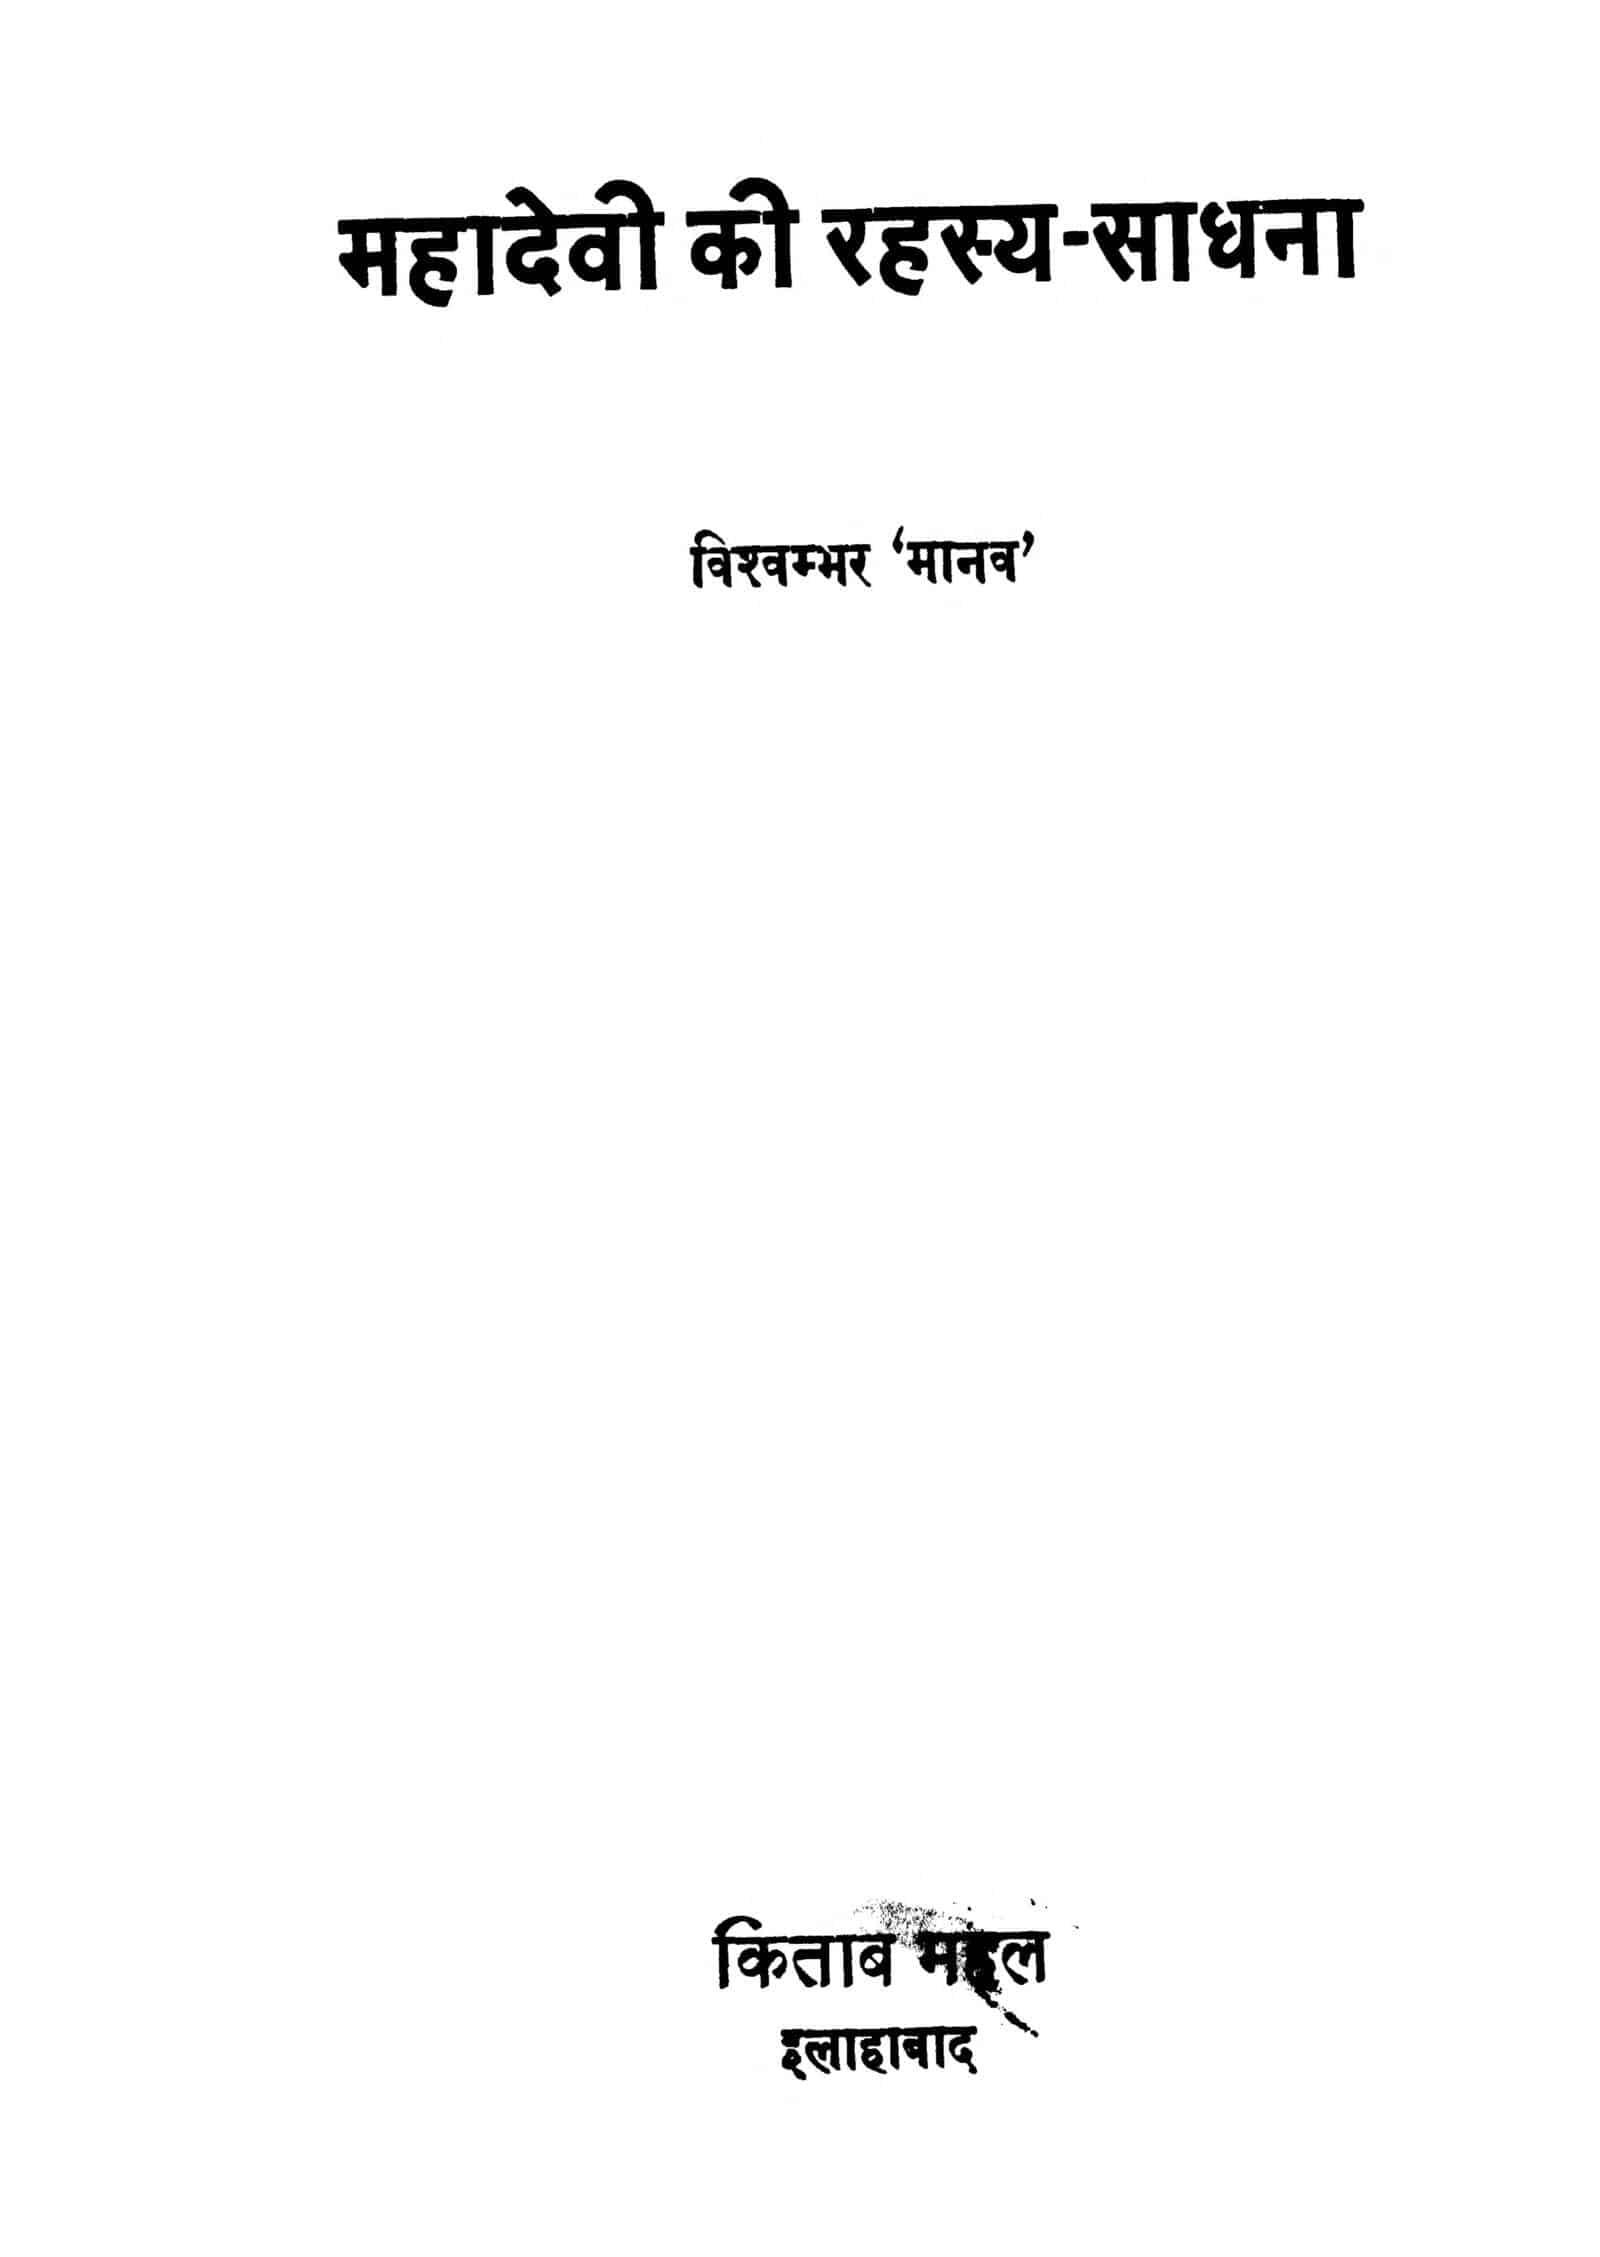 Book Image : महादेवी की रहस्य - साधना - Mahadevi Ki Rahasy Sadhana